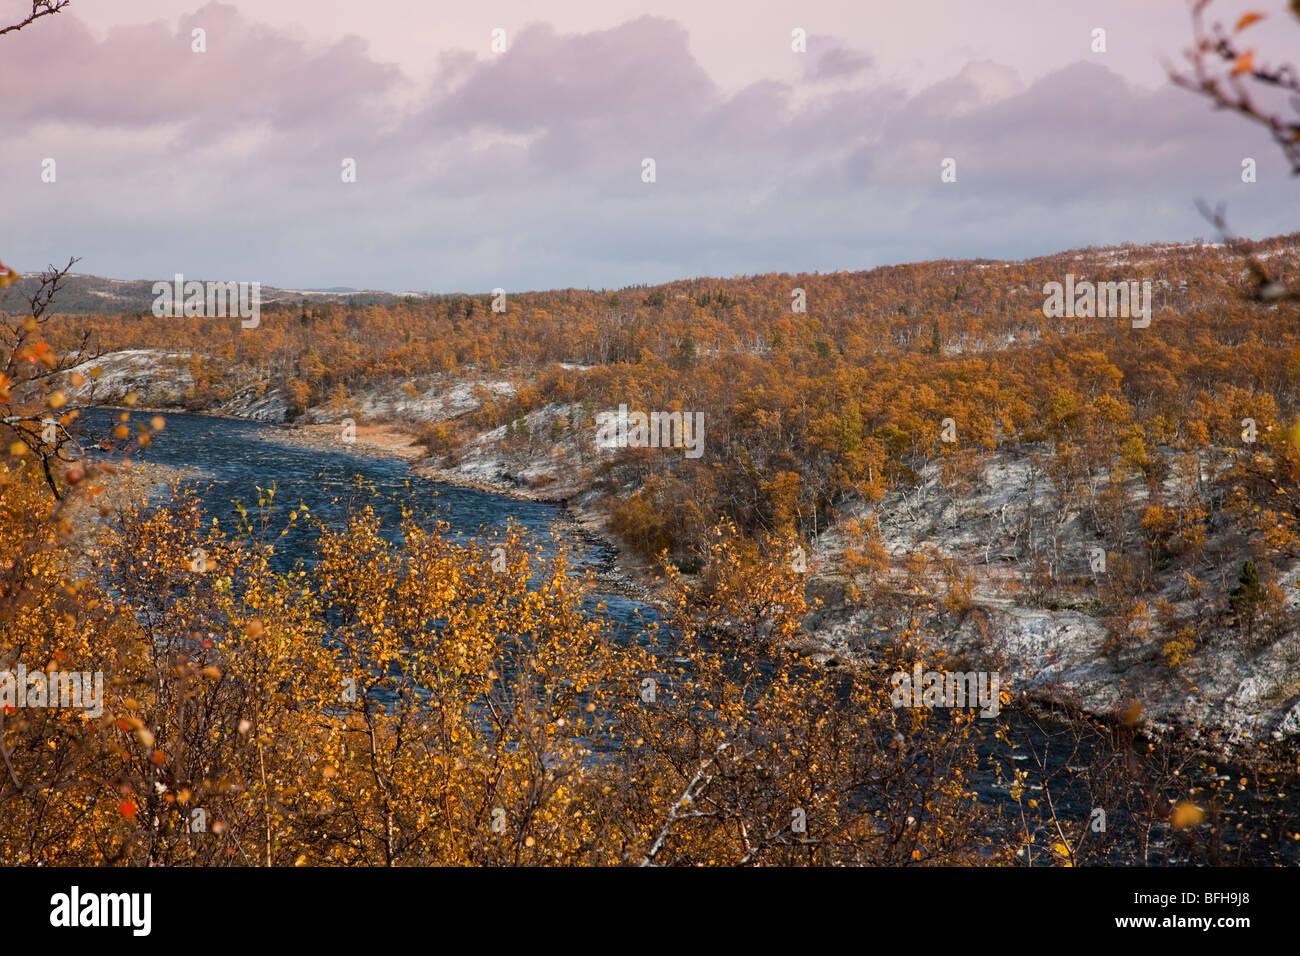 La Suède Jämtland Storulvån fjell saisons automne automne hiver neige première neige forêt Photo Stock